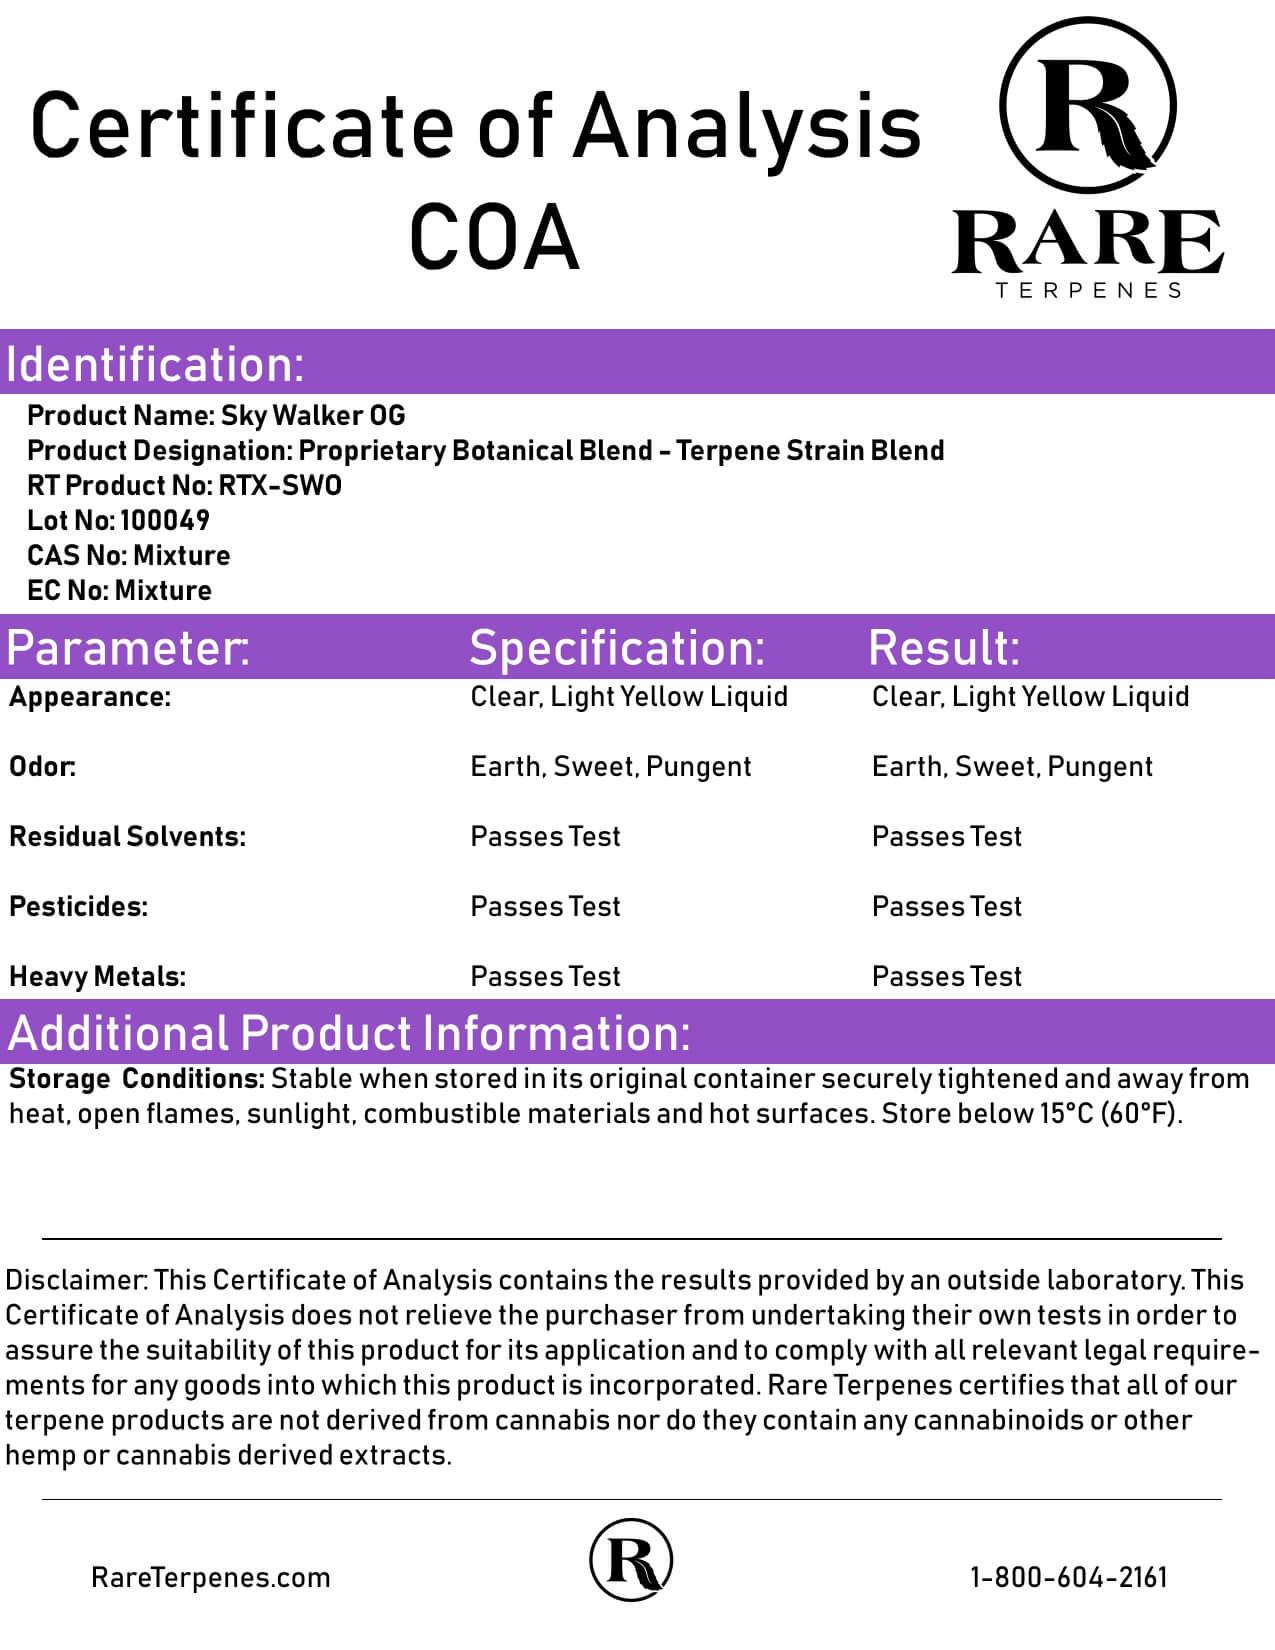 Rare Terpenes Tepene Strain Blends Sky Walker OG Lab Report